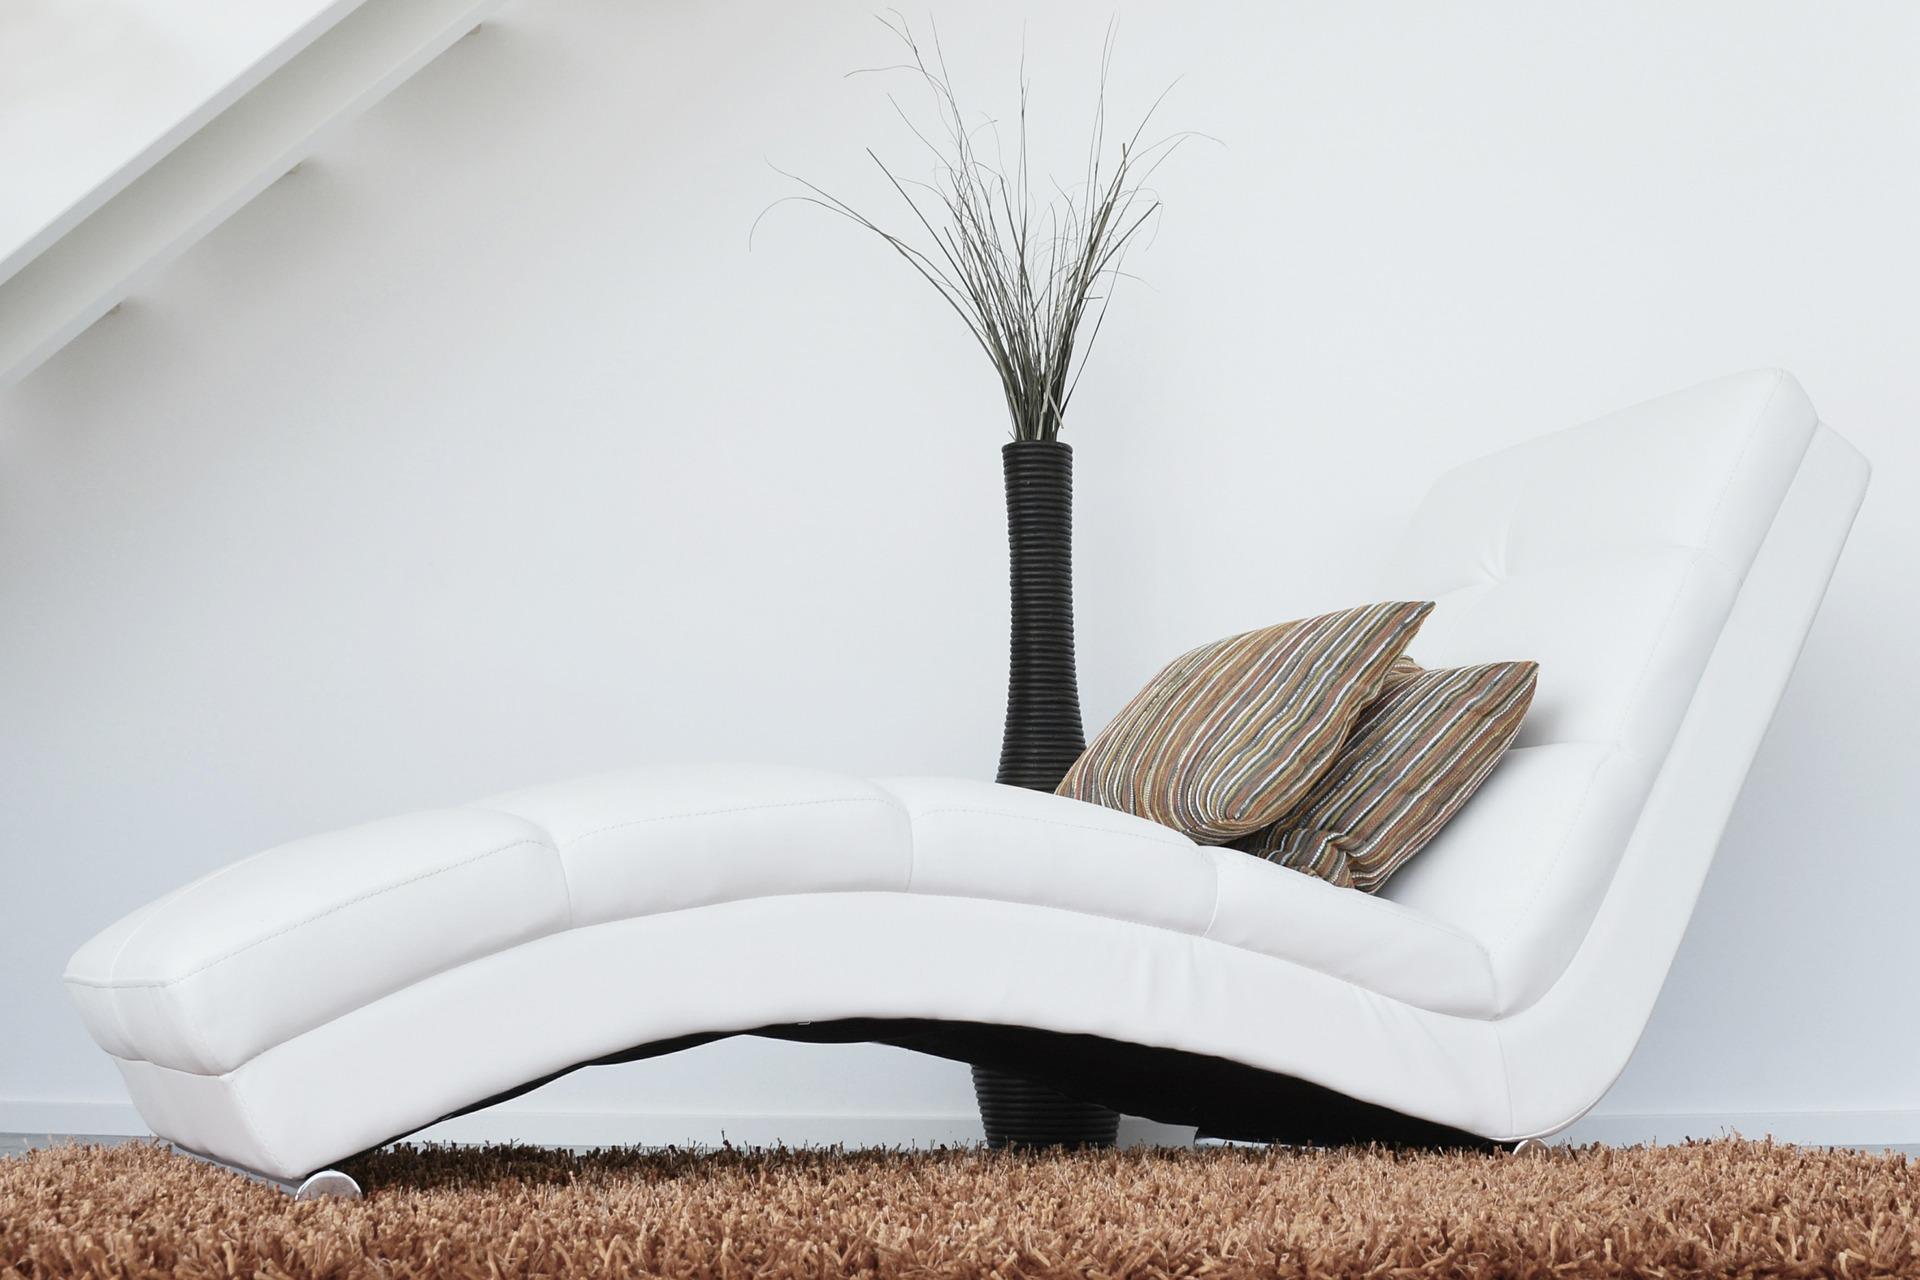 Nelle nostre residenze si può beneficiare di un elevato comfort abitativo grazie all'isolamento acustico e termico; ed è garantito al loro interno il ricambio d'aria 24/24h grazie alla ventilazione meccanica controllata (VMC)